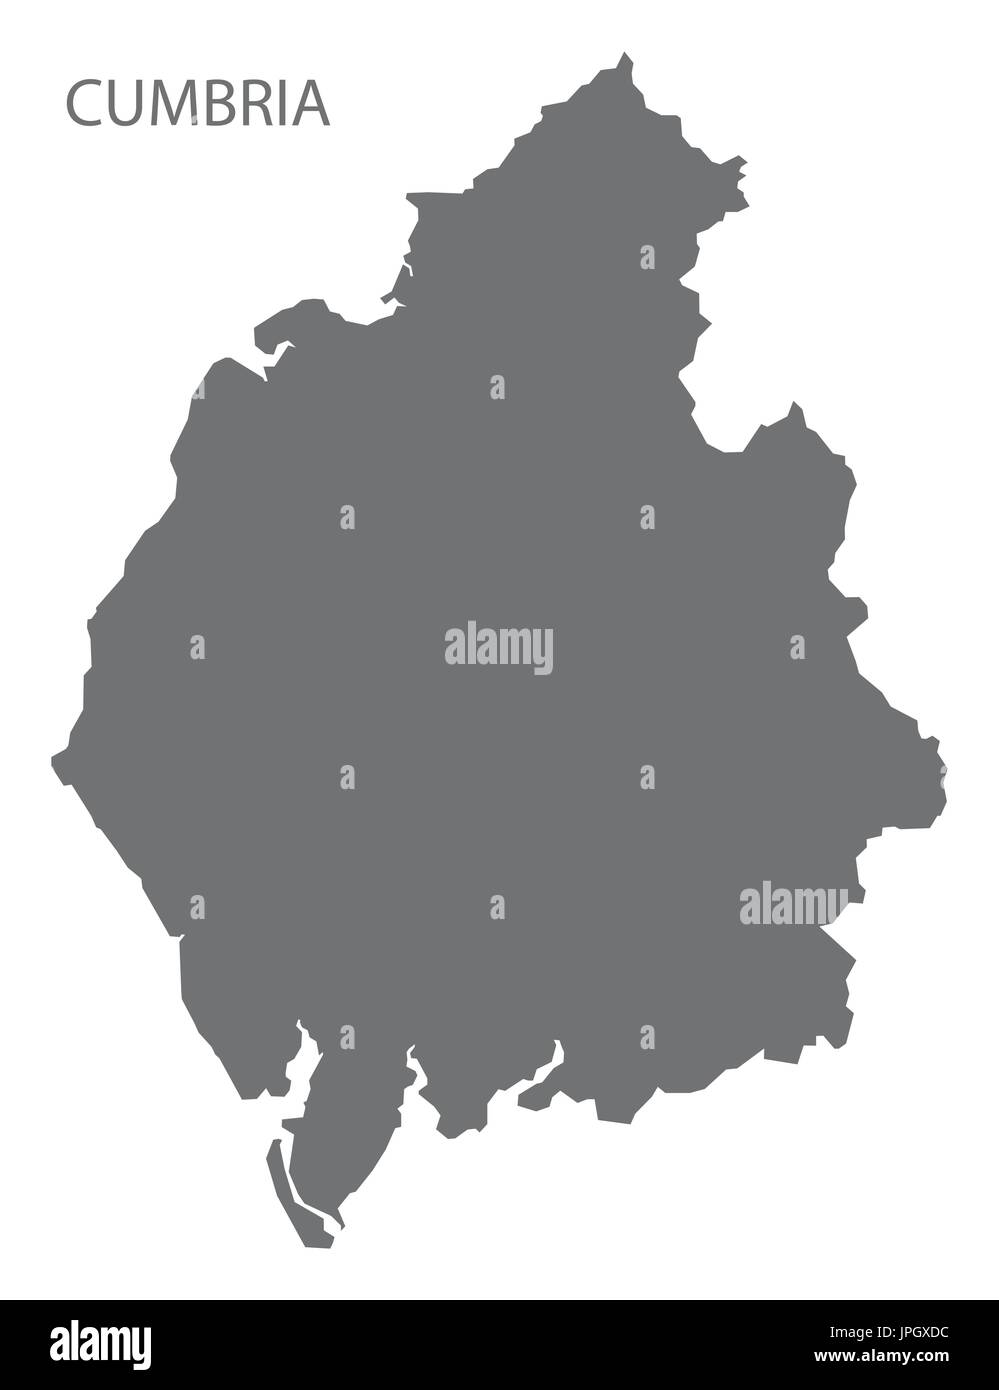 cumbria uk map